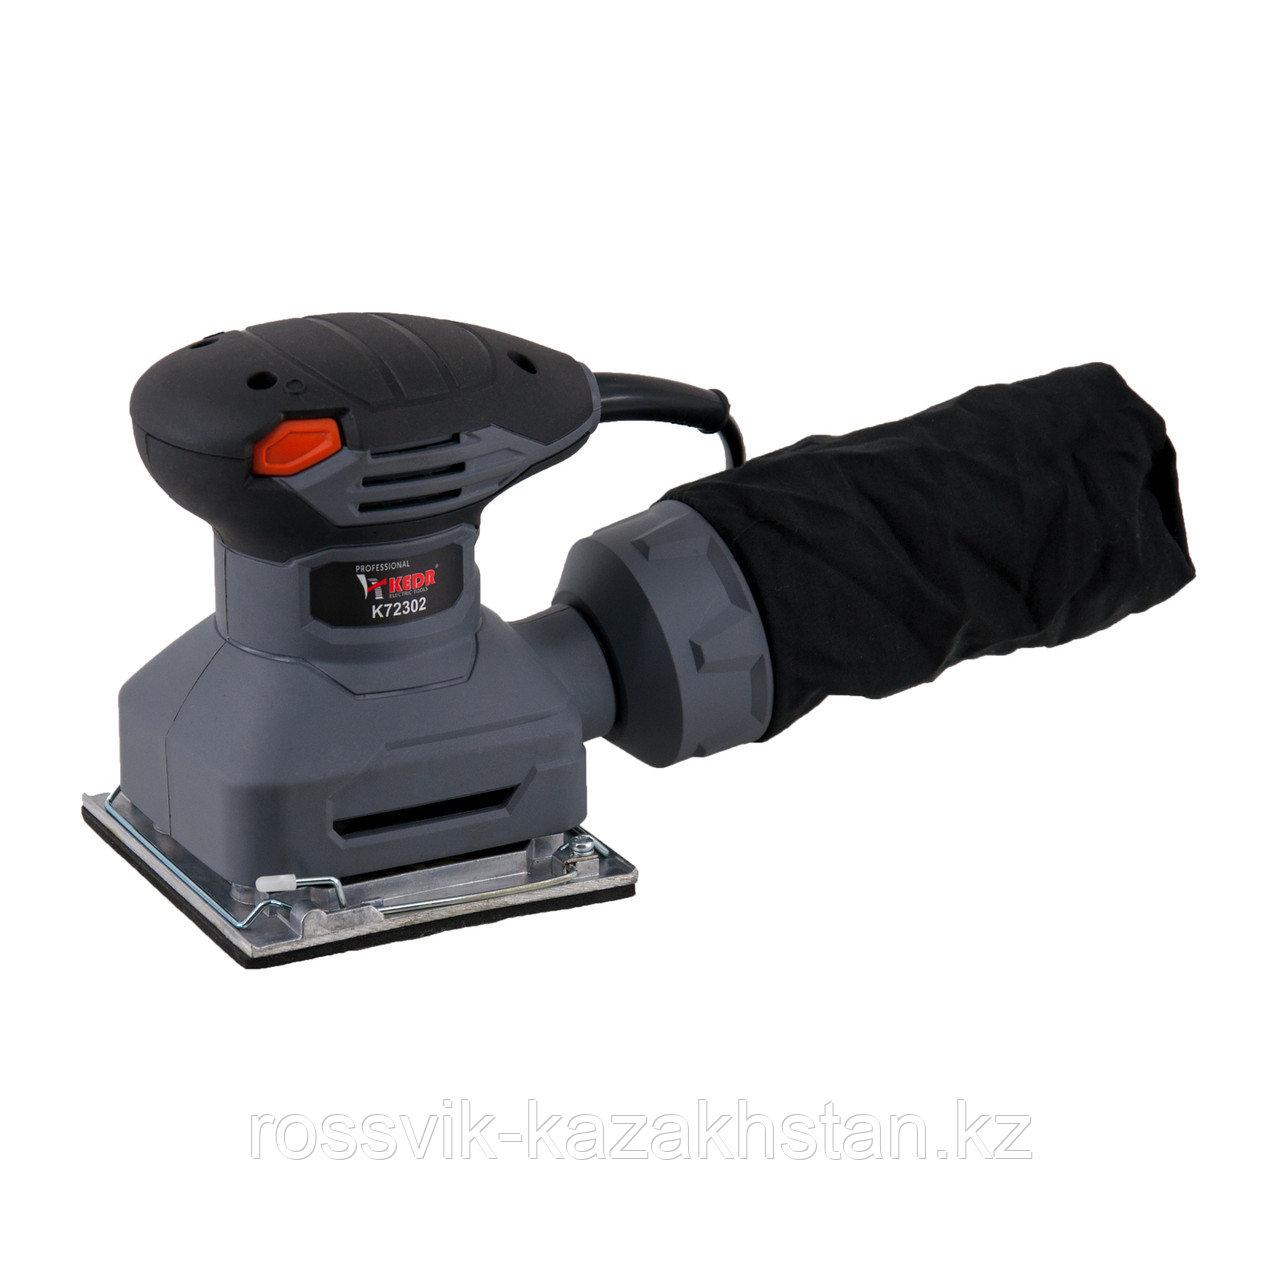 Плоскошлифовальная машина, Кедр 72301